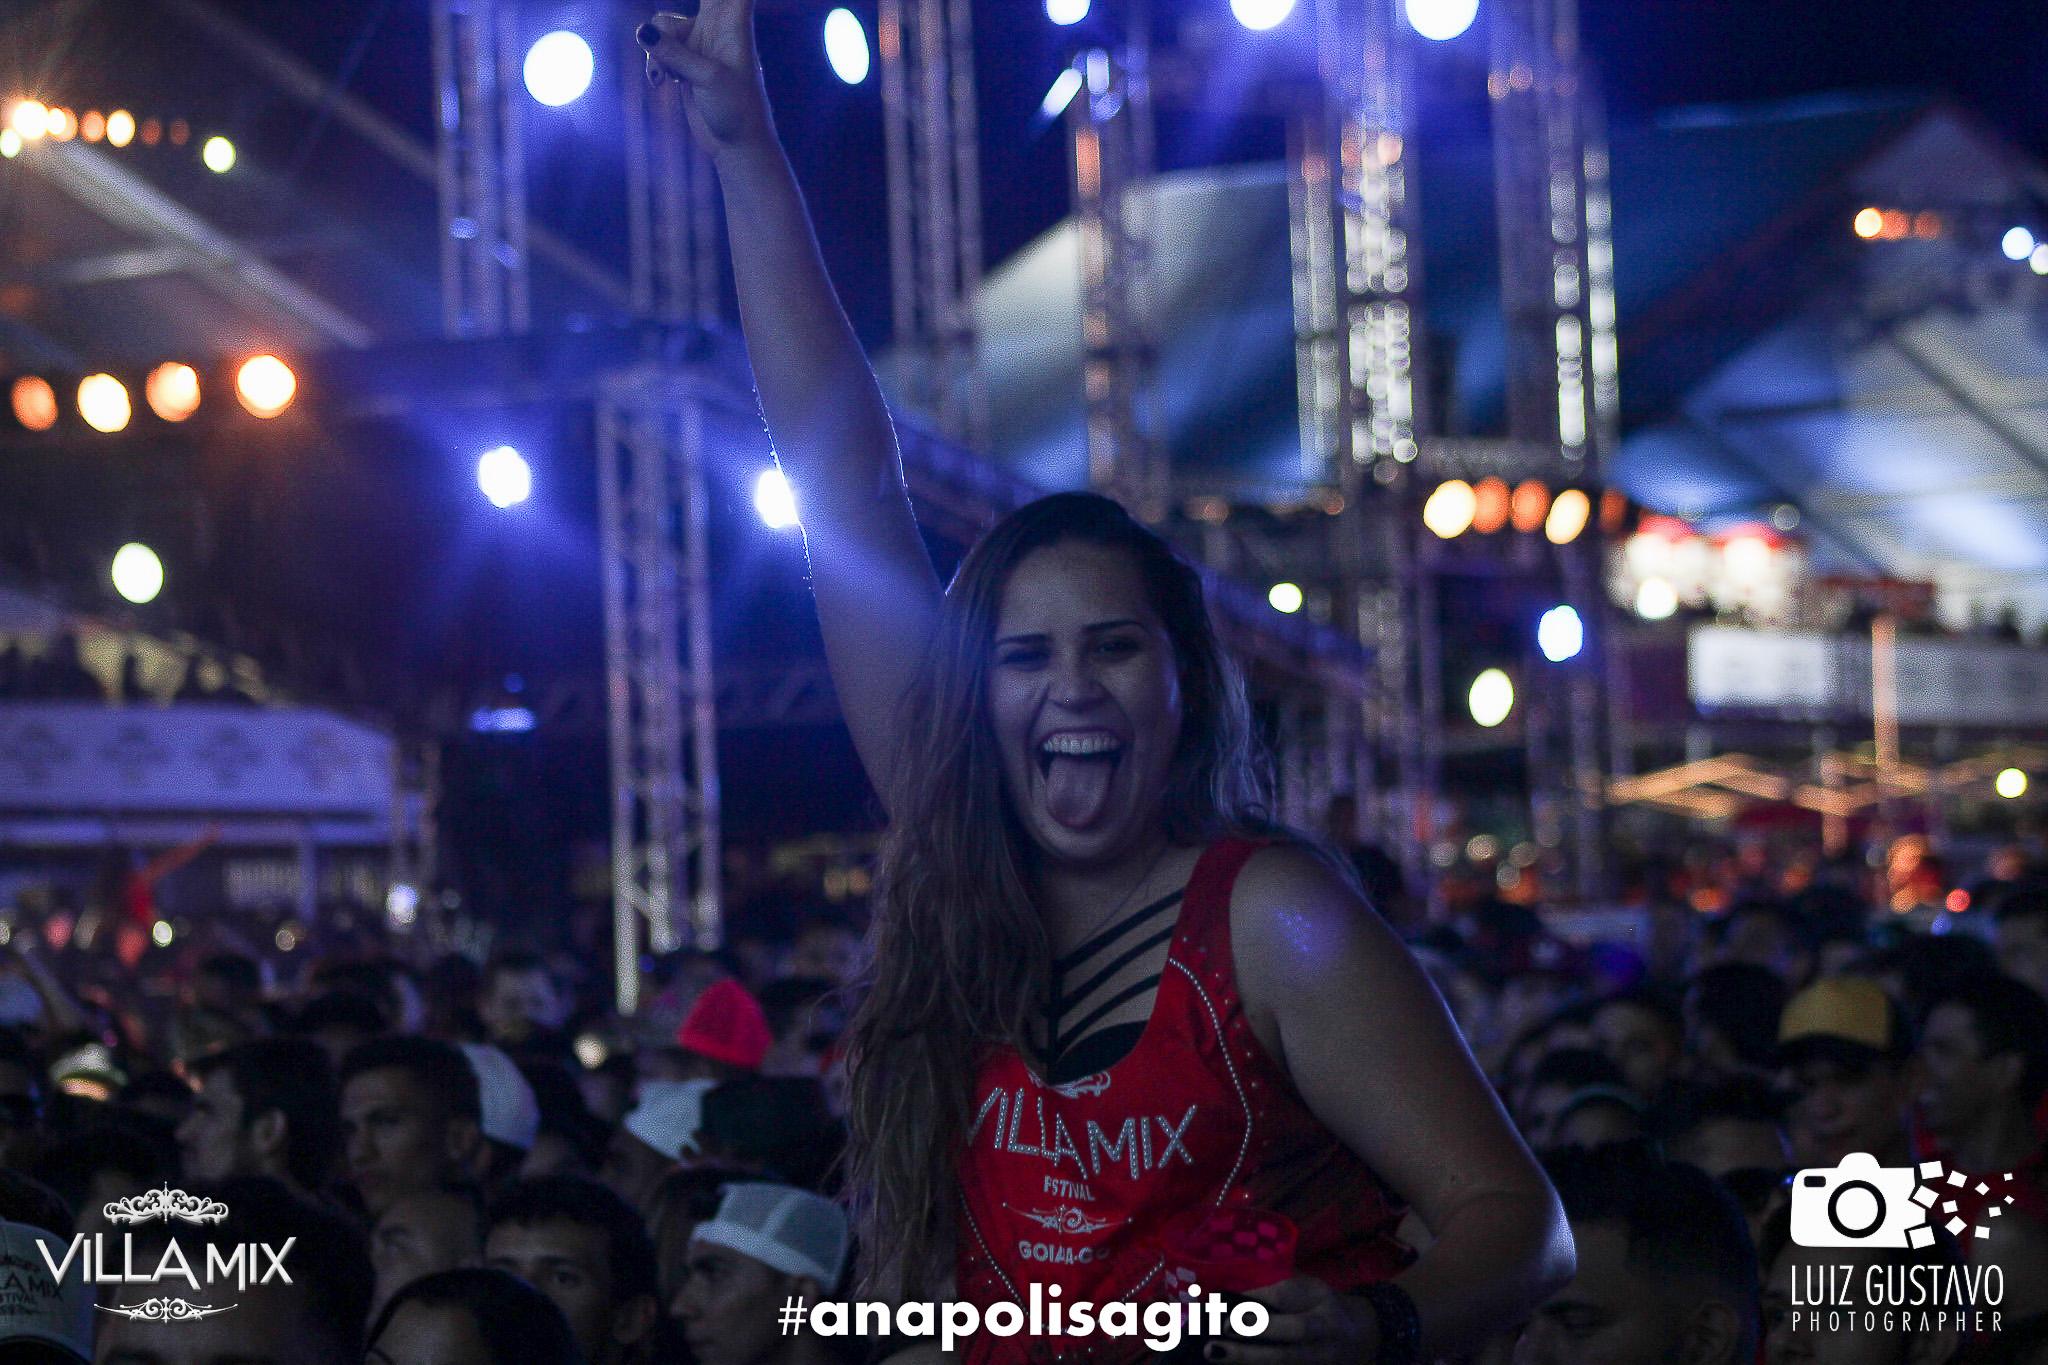 Luiz Gustavo Photographer (262 de 327)